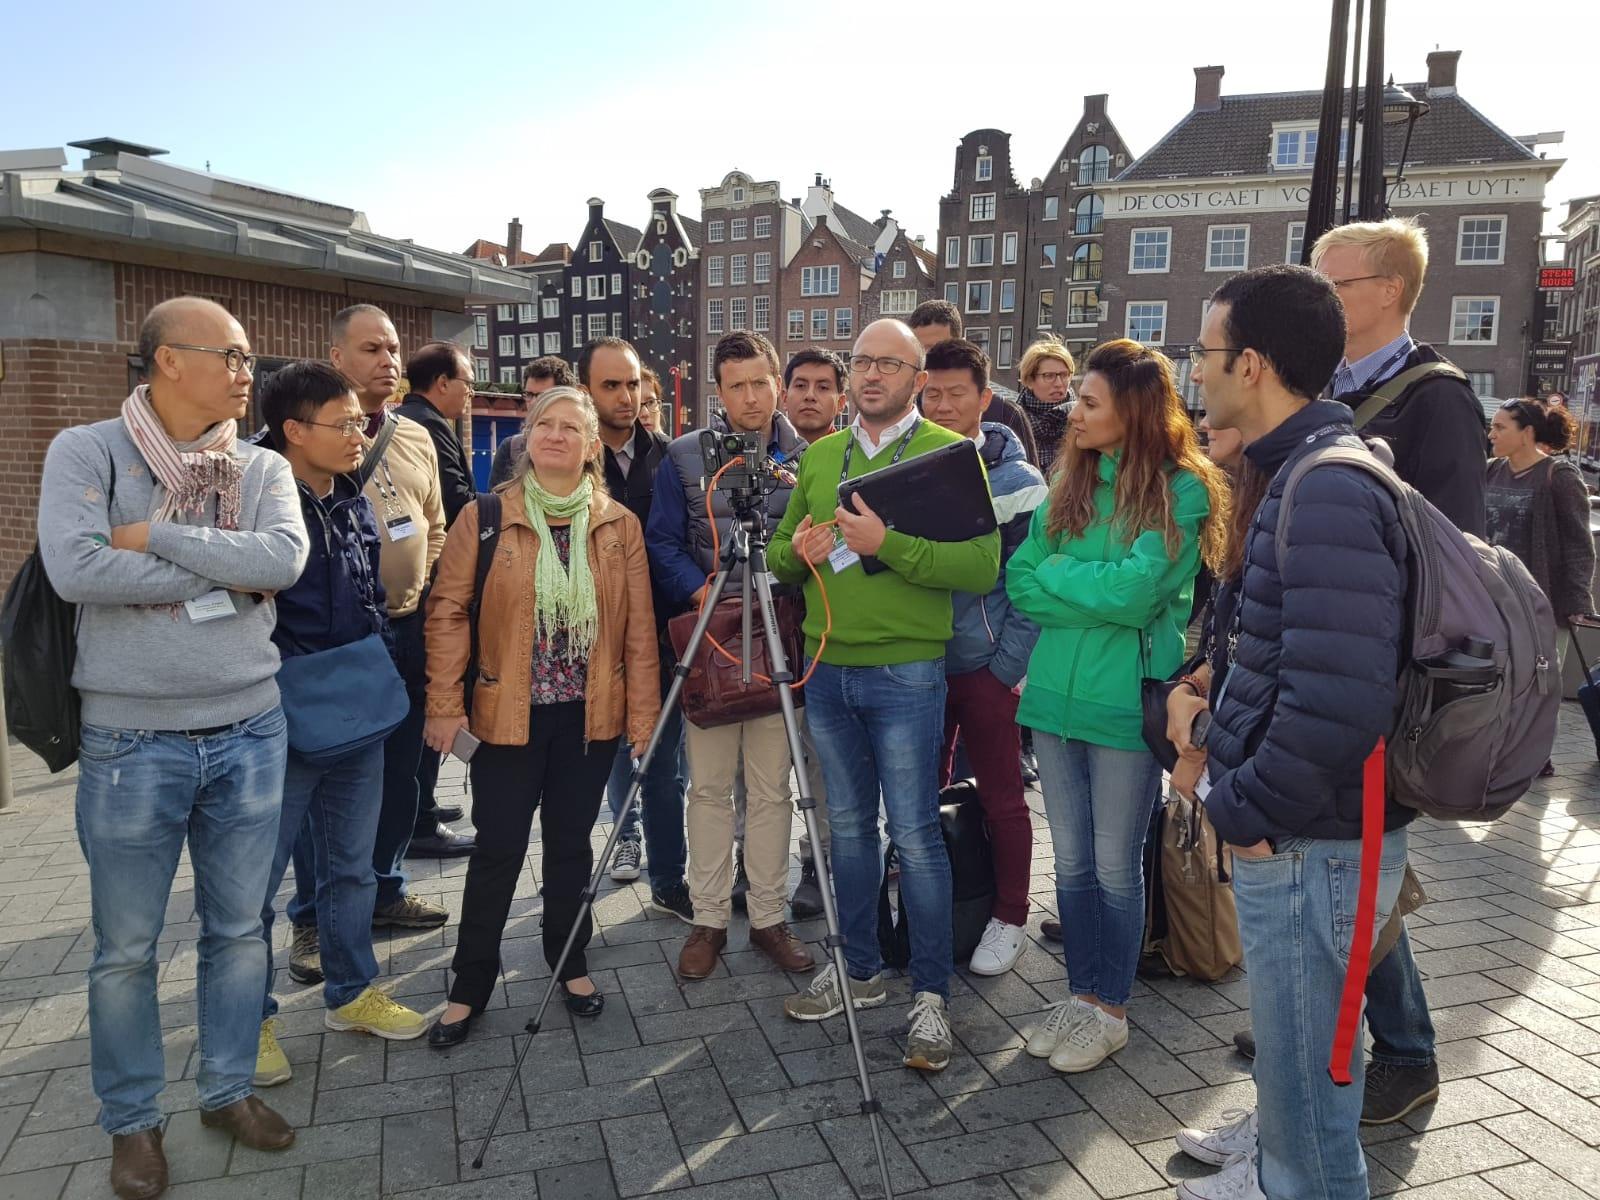 Headwall-Amsterdam